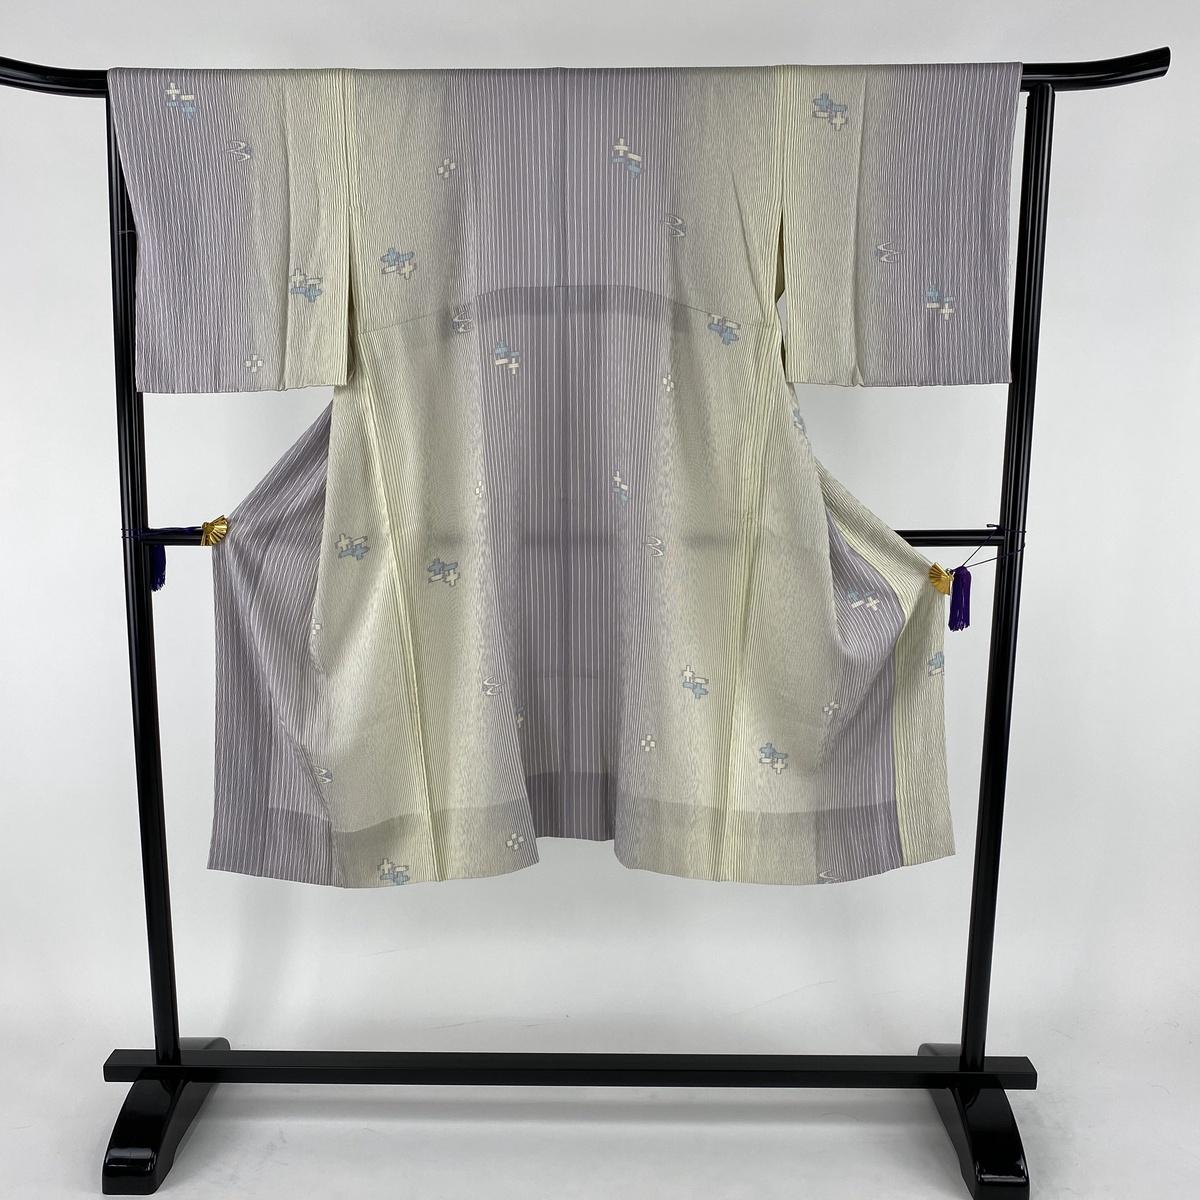 長襦袢 美品 秀品 やまと 縦縞模様 絣柄 ぼかし 薄紫 身丈121cm 裄丈65cm M 正絹 【中古】